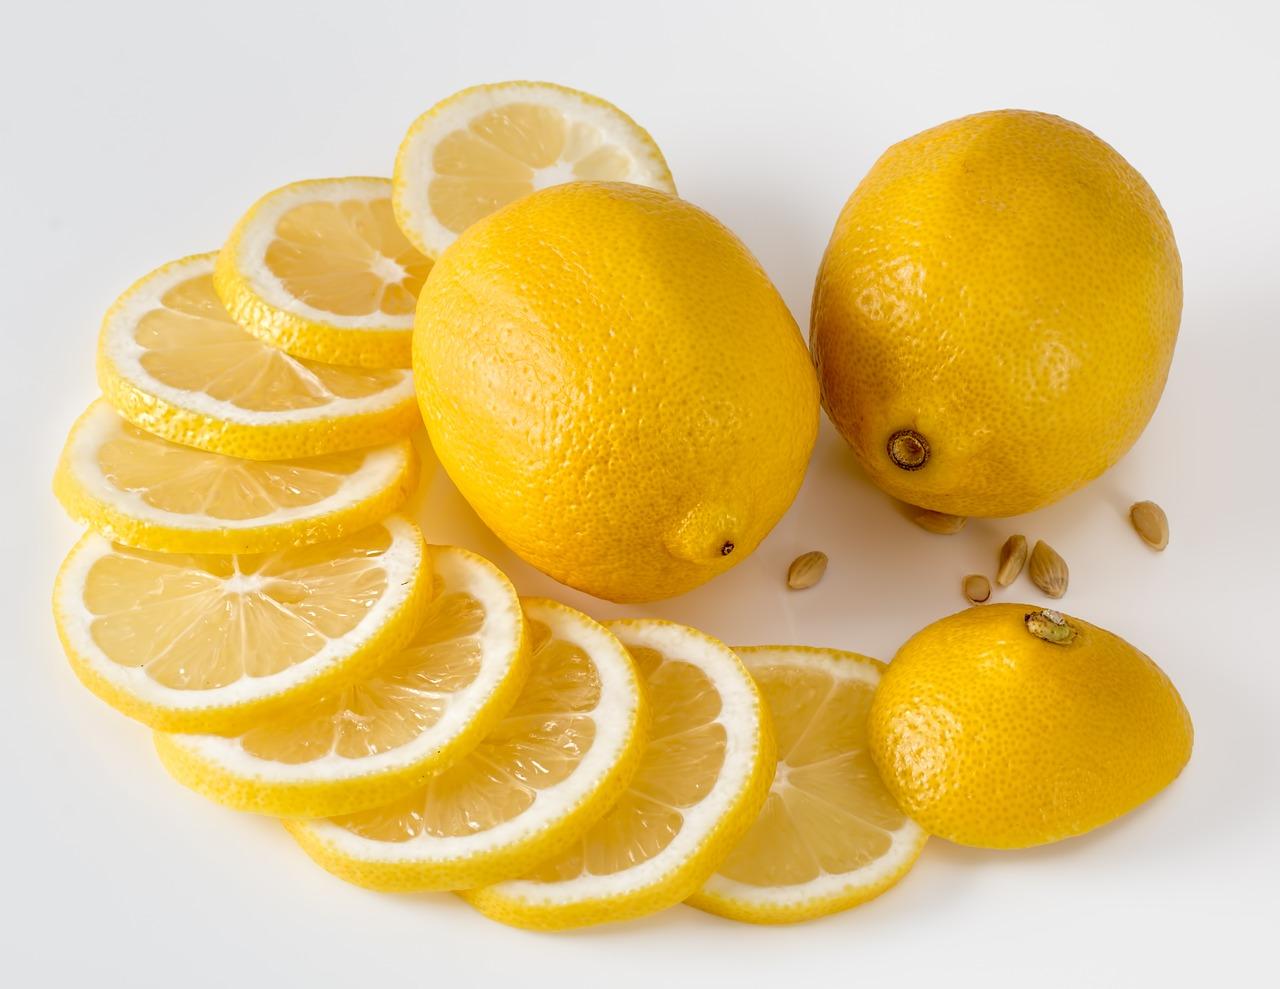 Olejek cytrynowy jako naturalny środek dezynfekcyjny